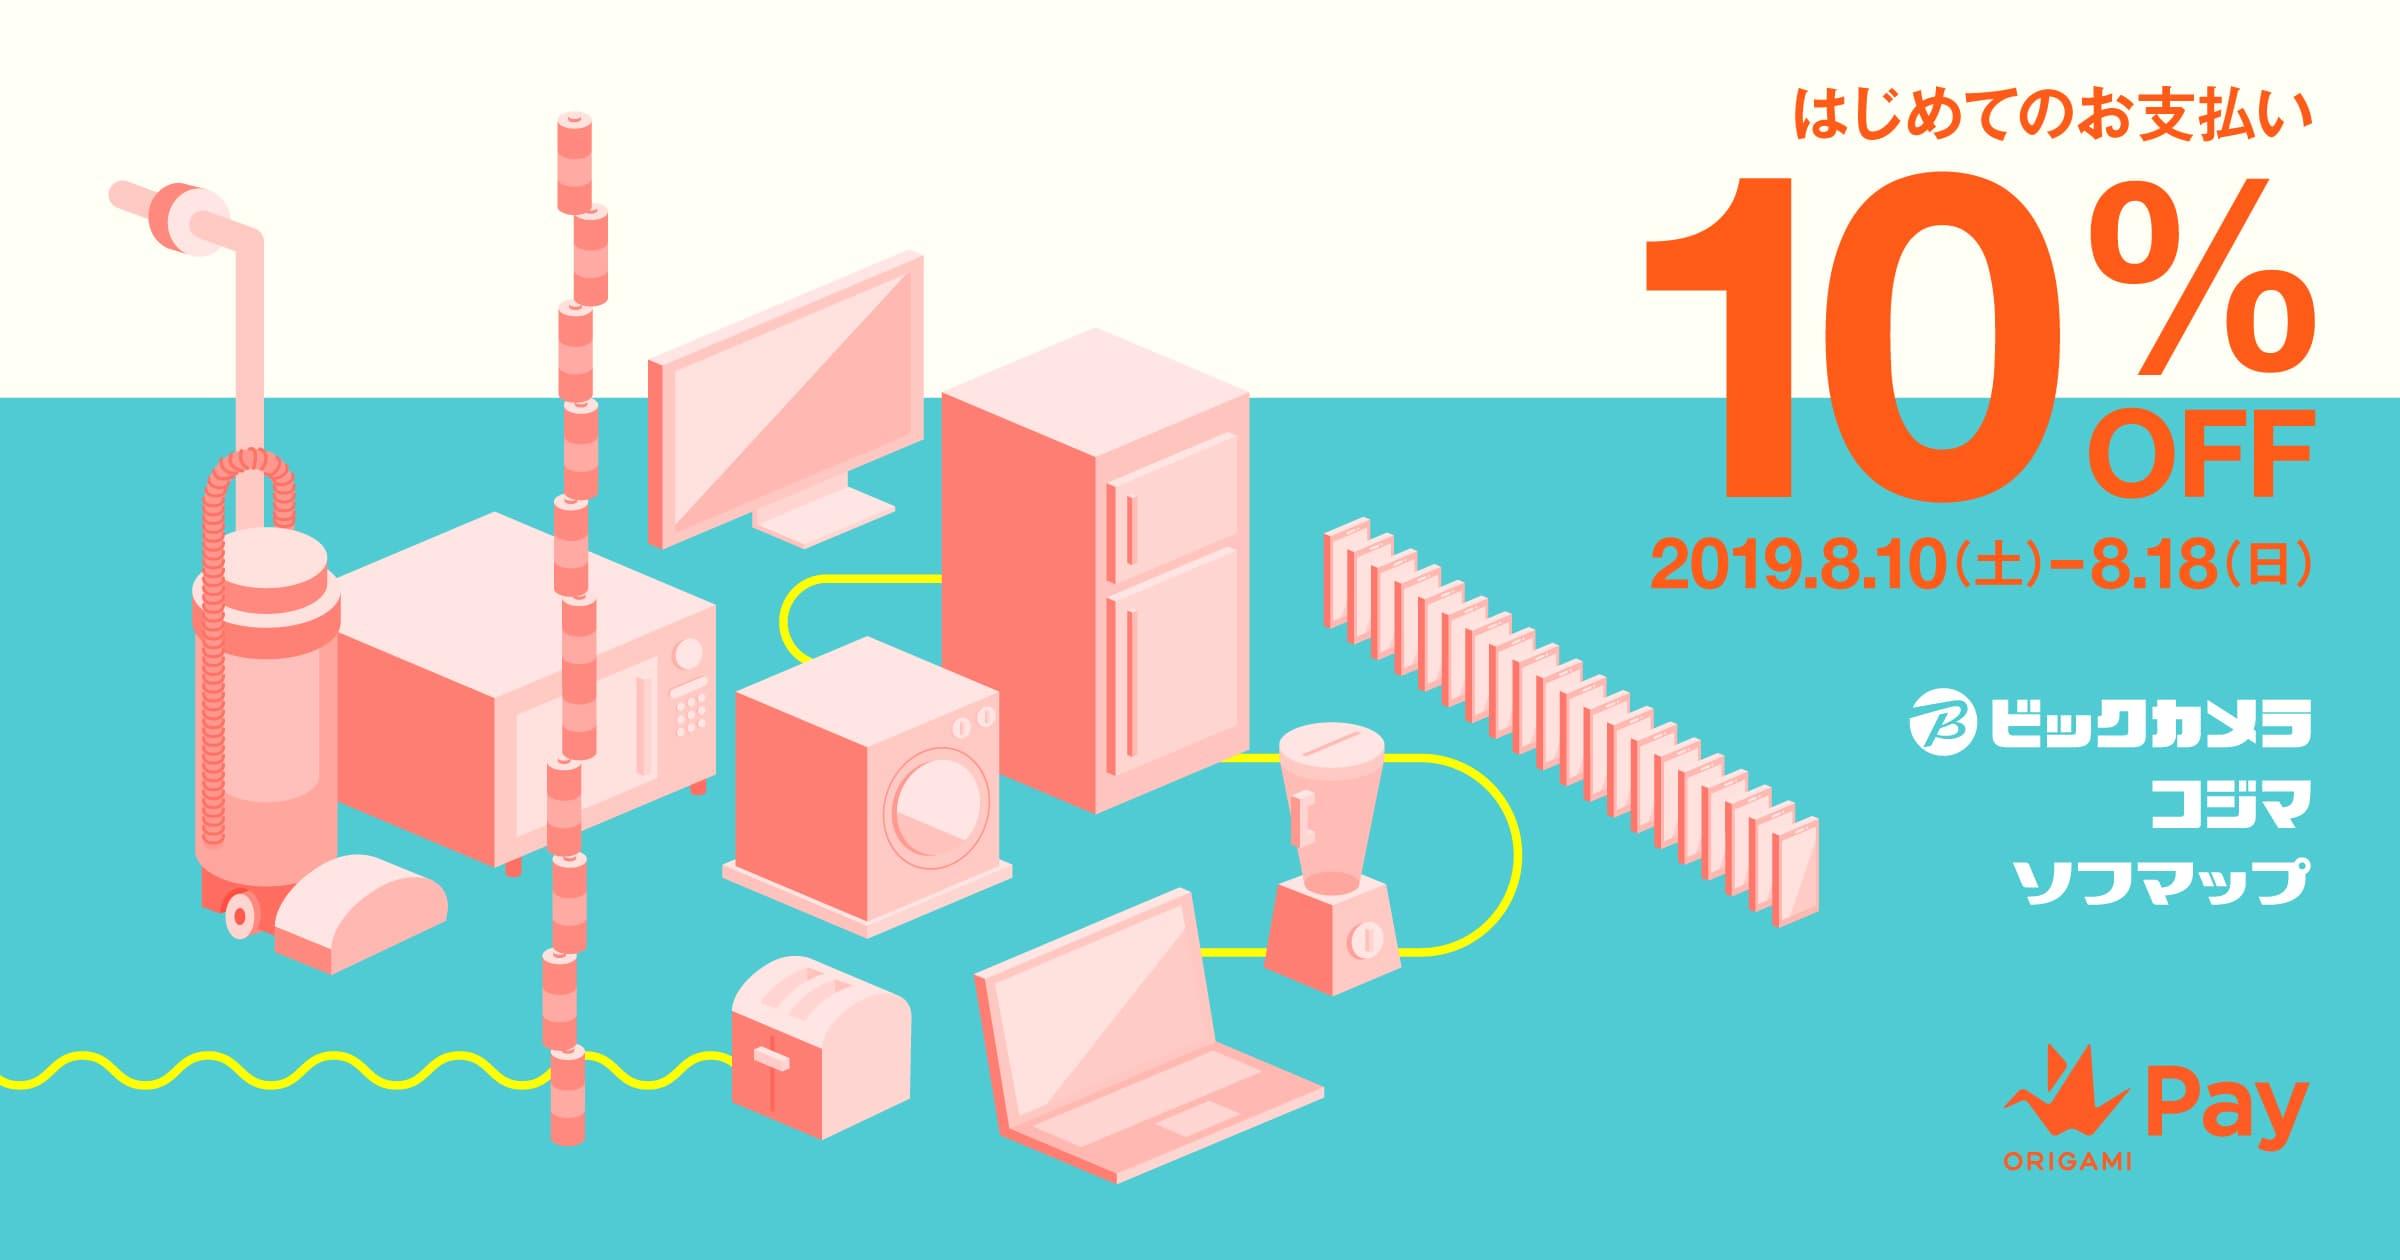 OrigamiPayでビックカメラ・コジマ・ソフマップで30000円まで10%OFF。初めての店舗限定だけどハシゴすればOK。8/10~8/18。